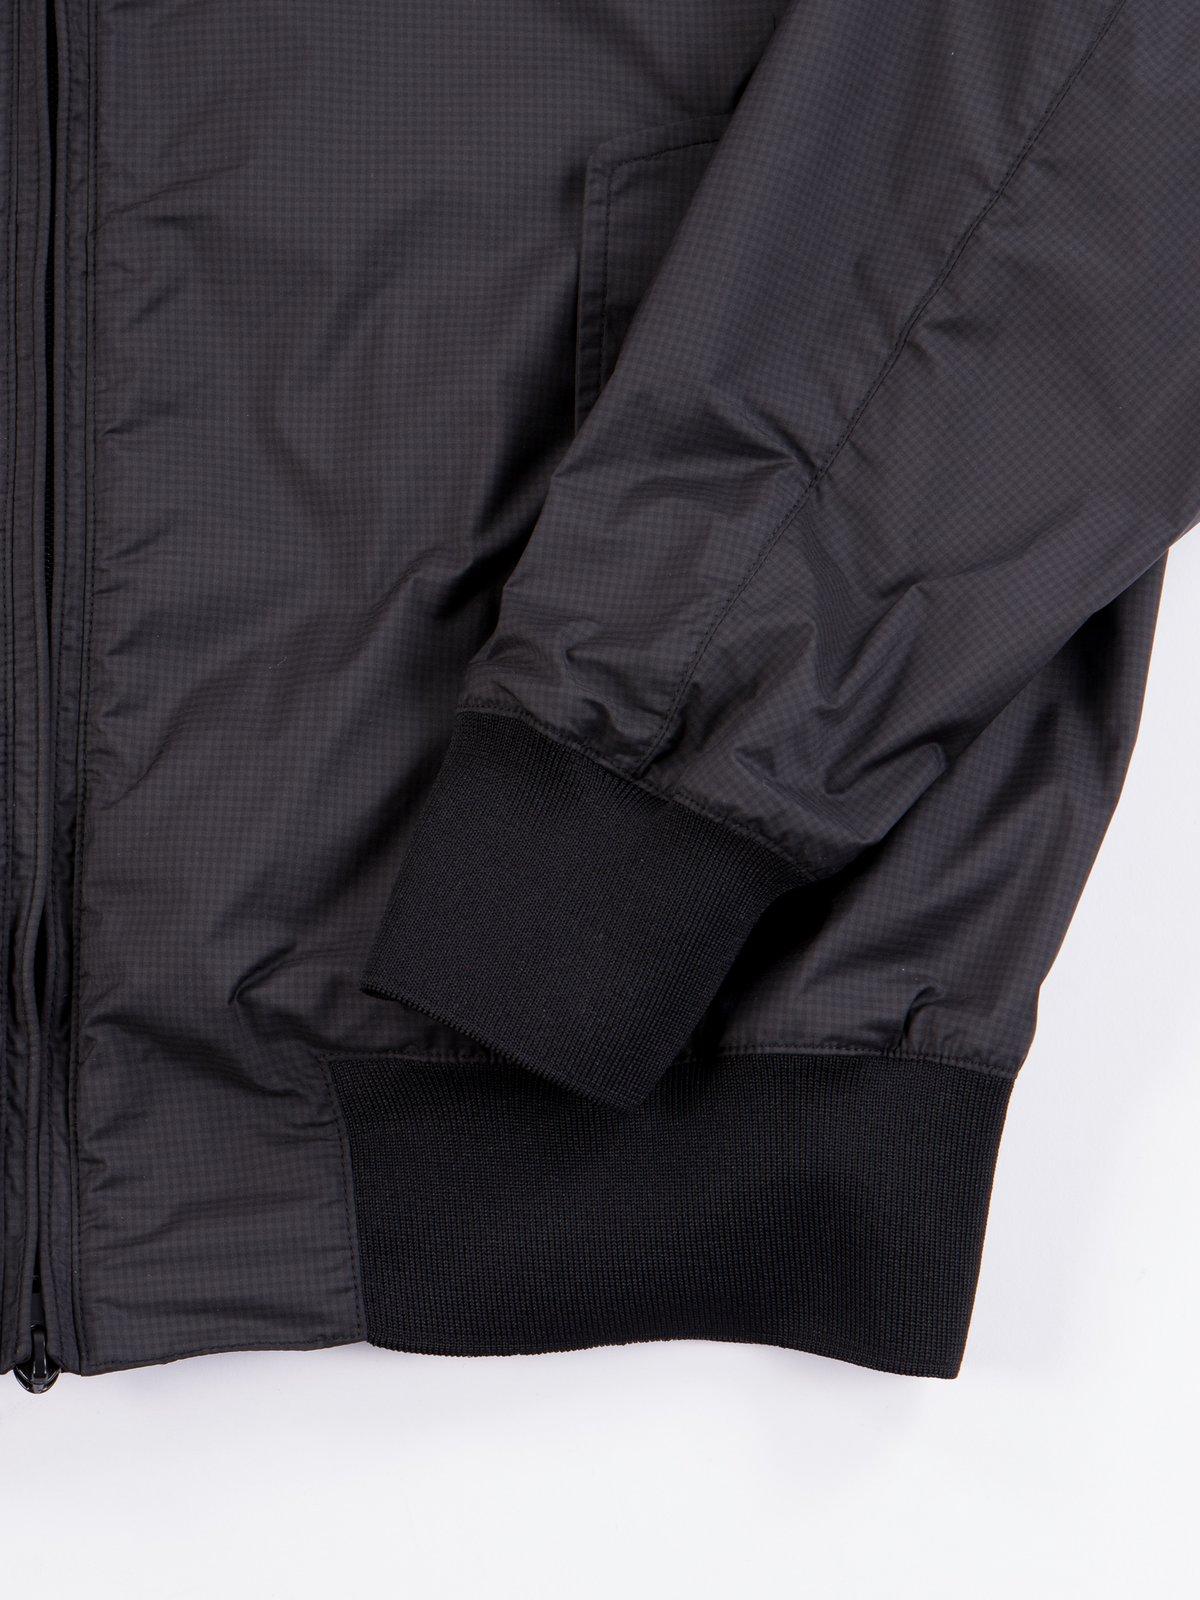 Mini Grey Check G9 EG Jacket - Image 6